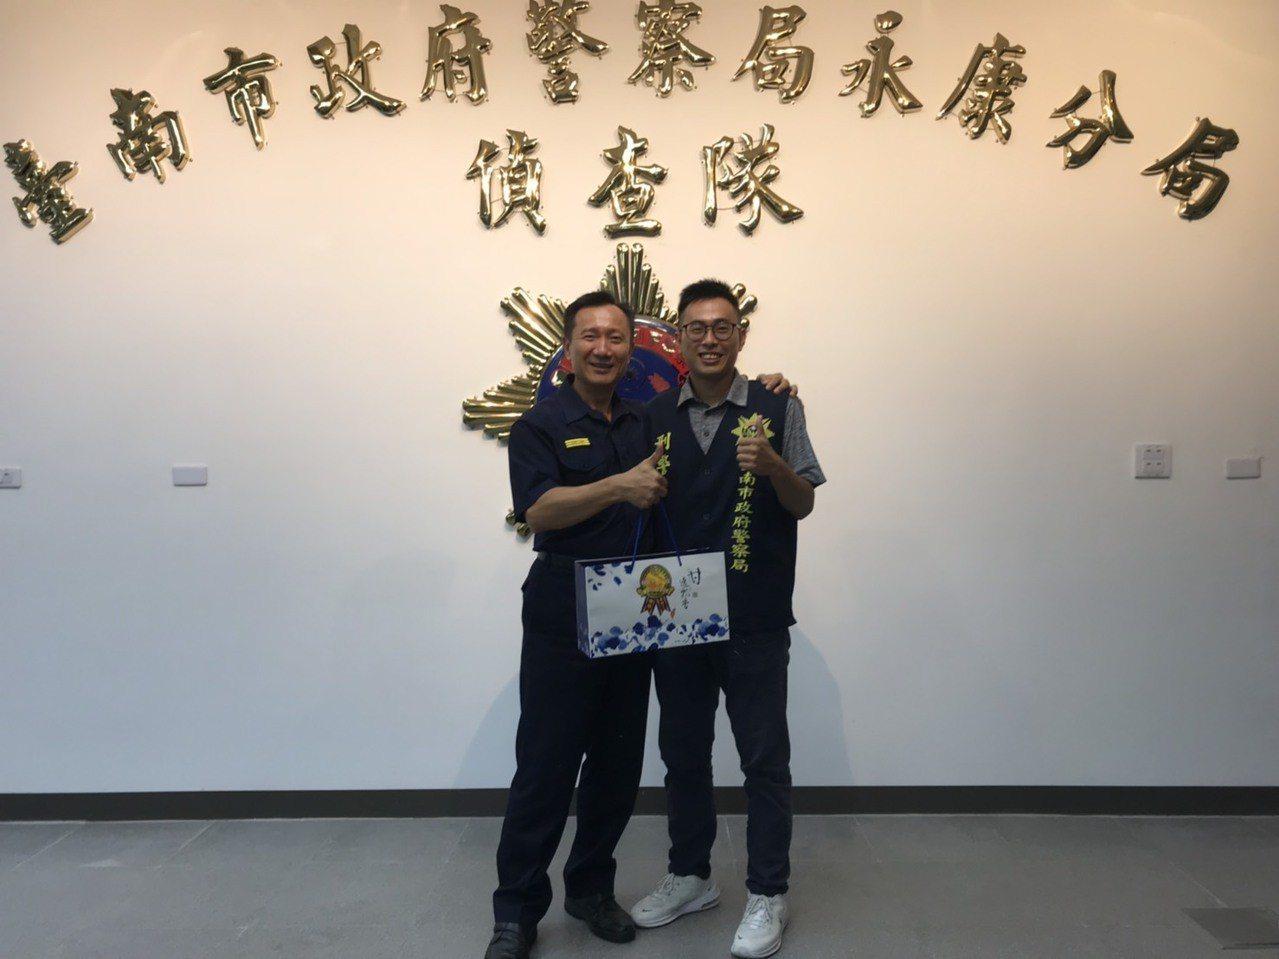 市警局副局長李政曉(左一)到分局頒發破案茶,領獎的有功員警之一恰恰是他的兒子李阜...